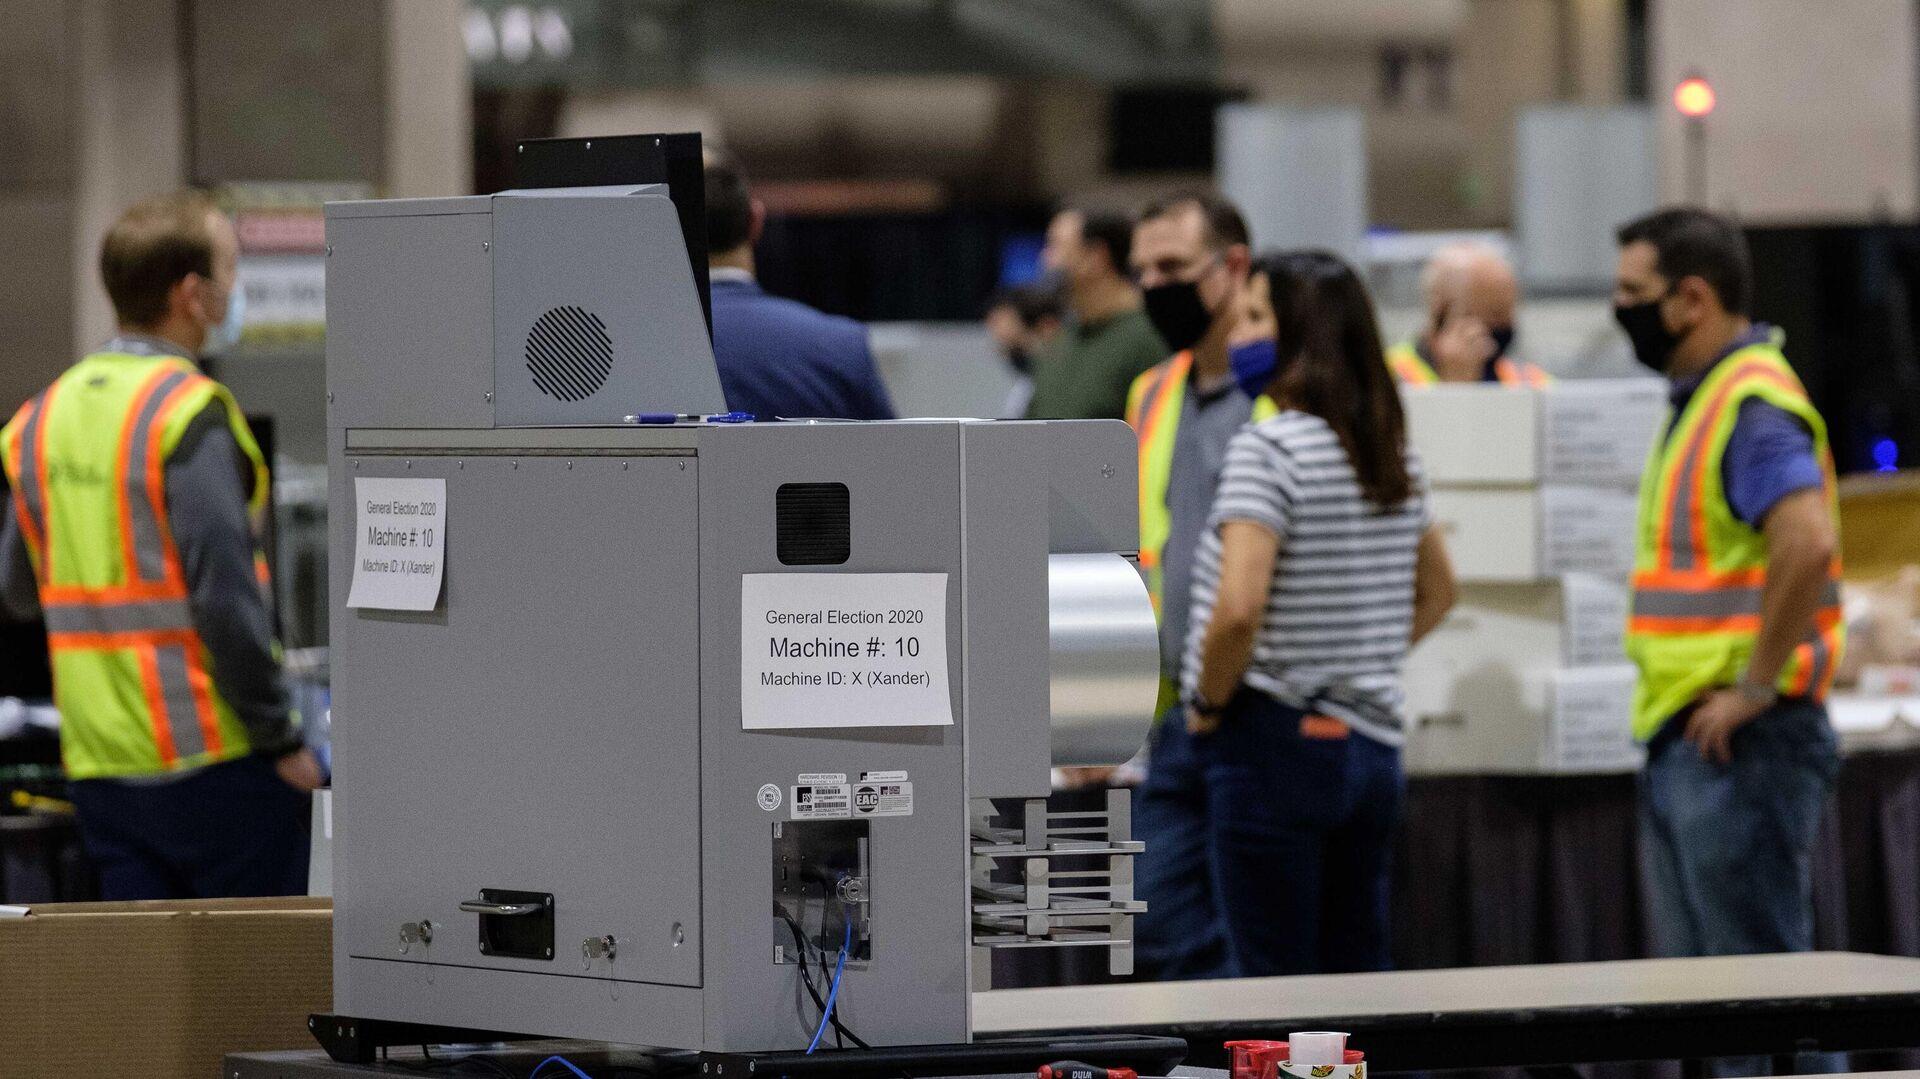 Машина для подсчета голосов внутри Конгресс-центра в Филадельфии - РИА Новости, 1920, 10.11.2020